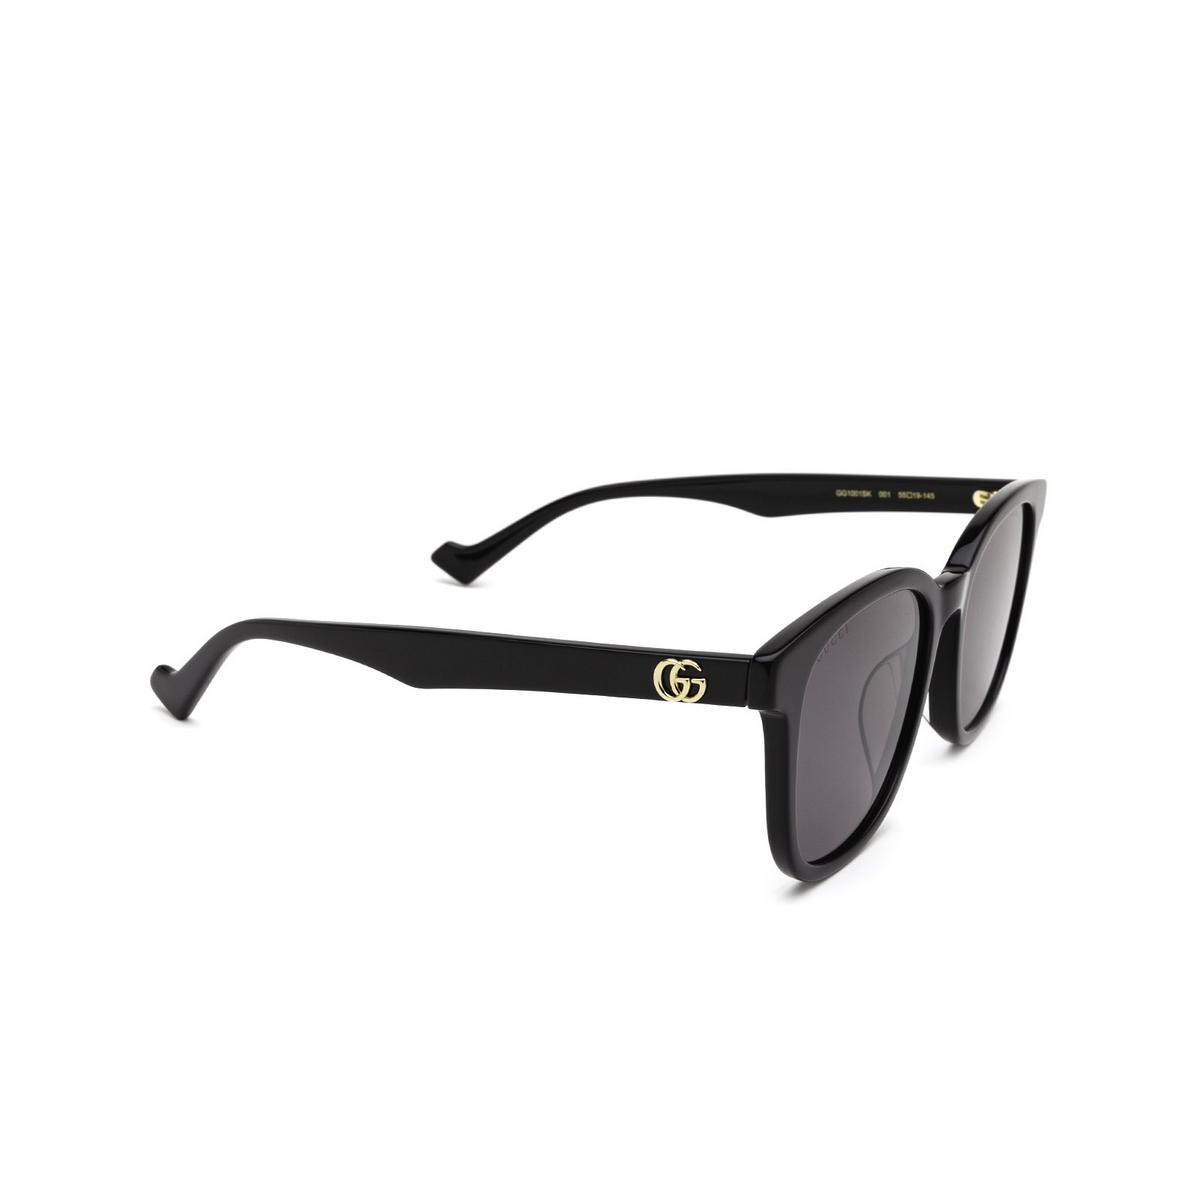 Gucci® Square Sunglasses: GG1001SK color Black 001 - three-quarters view.